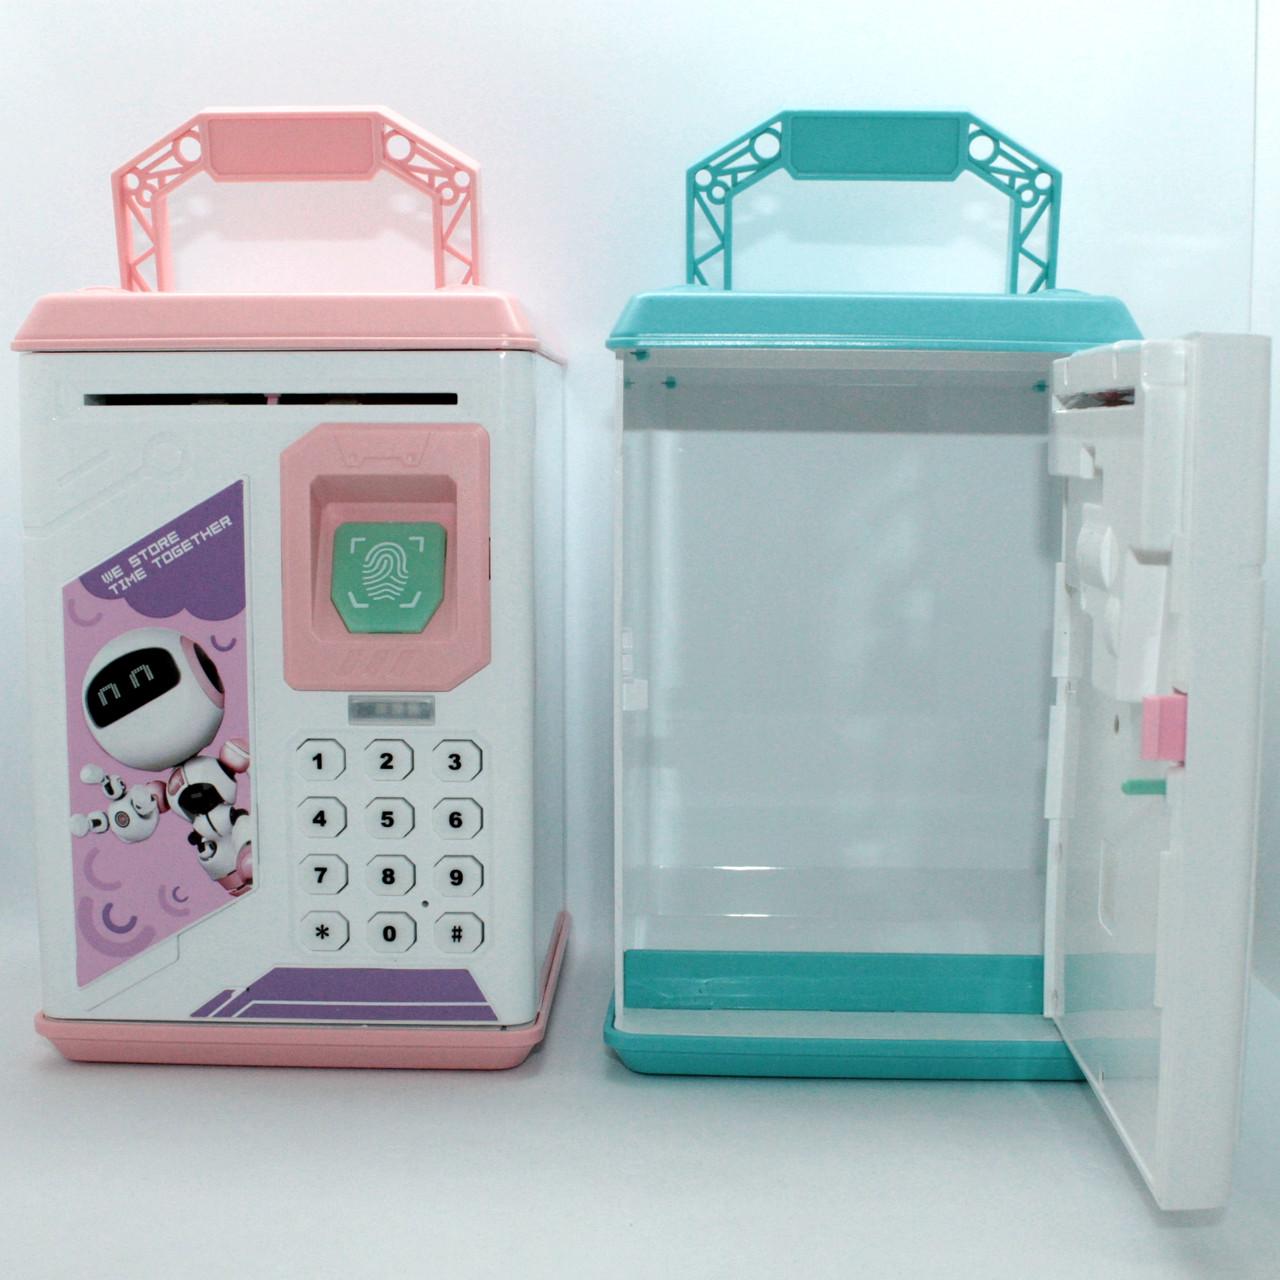 Дитячий сейф скарбничка Robot Bodyguard для грошей з кодовим замком і звуками Електронна скарбничка